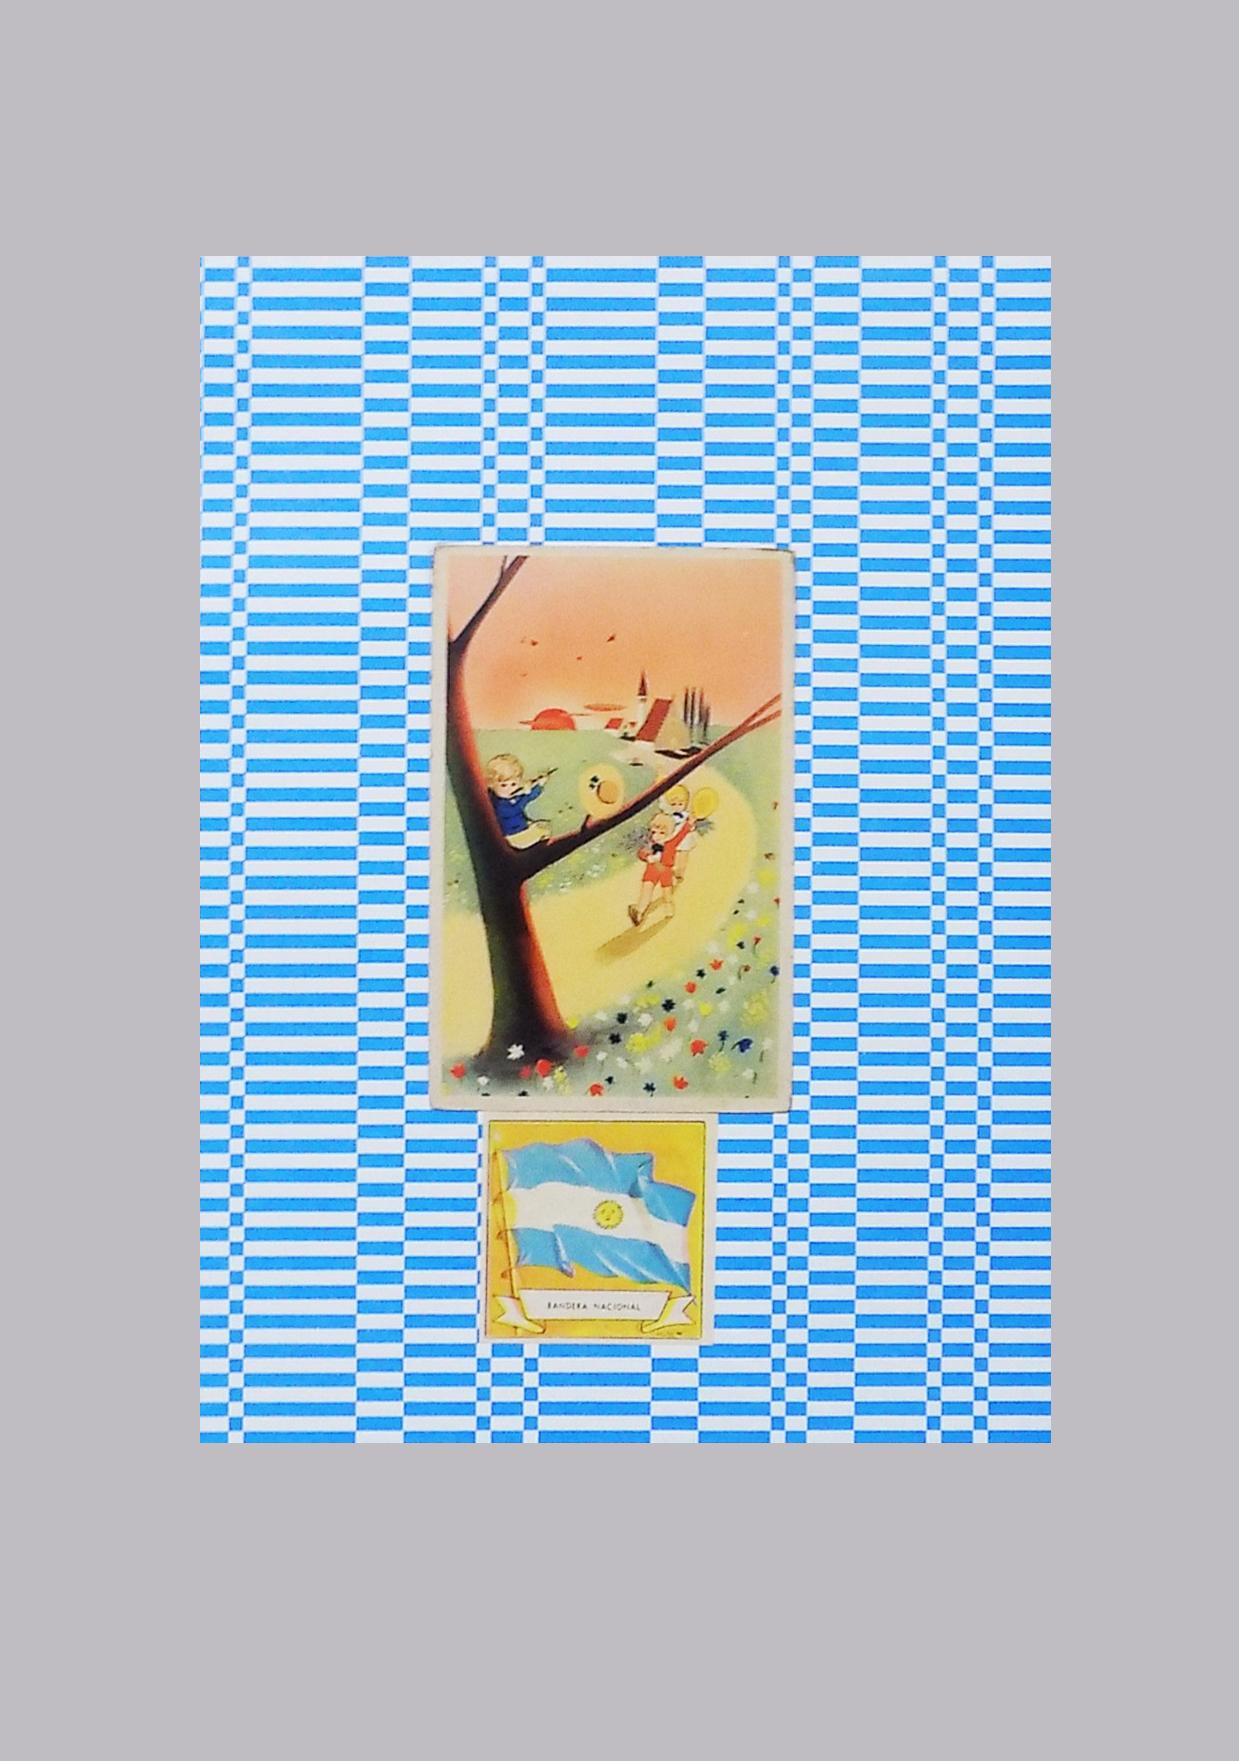 Serie collage año belgraniano, 30 cm x 22 cm, 2020